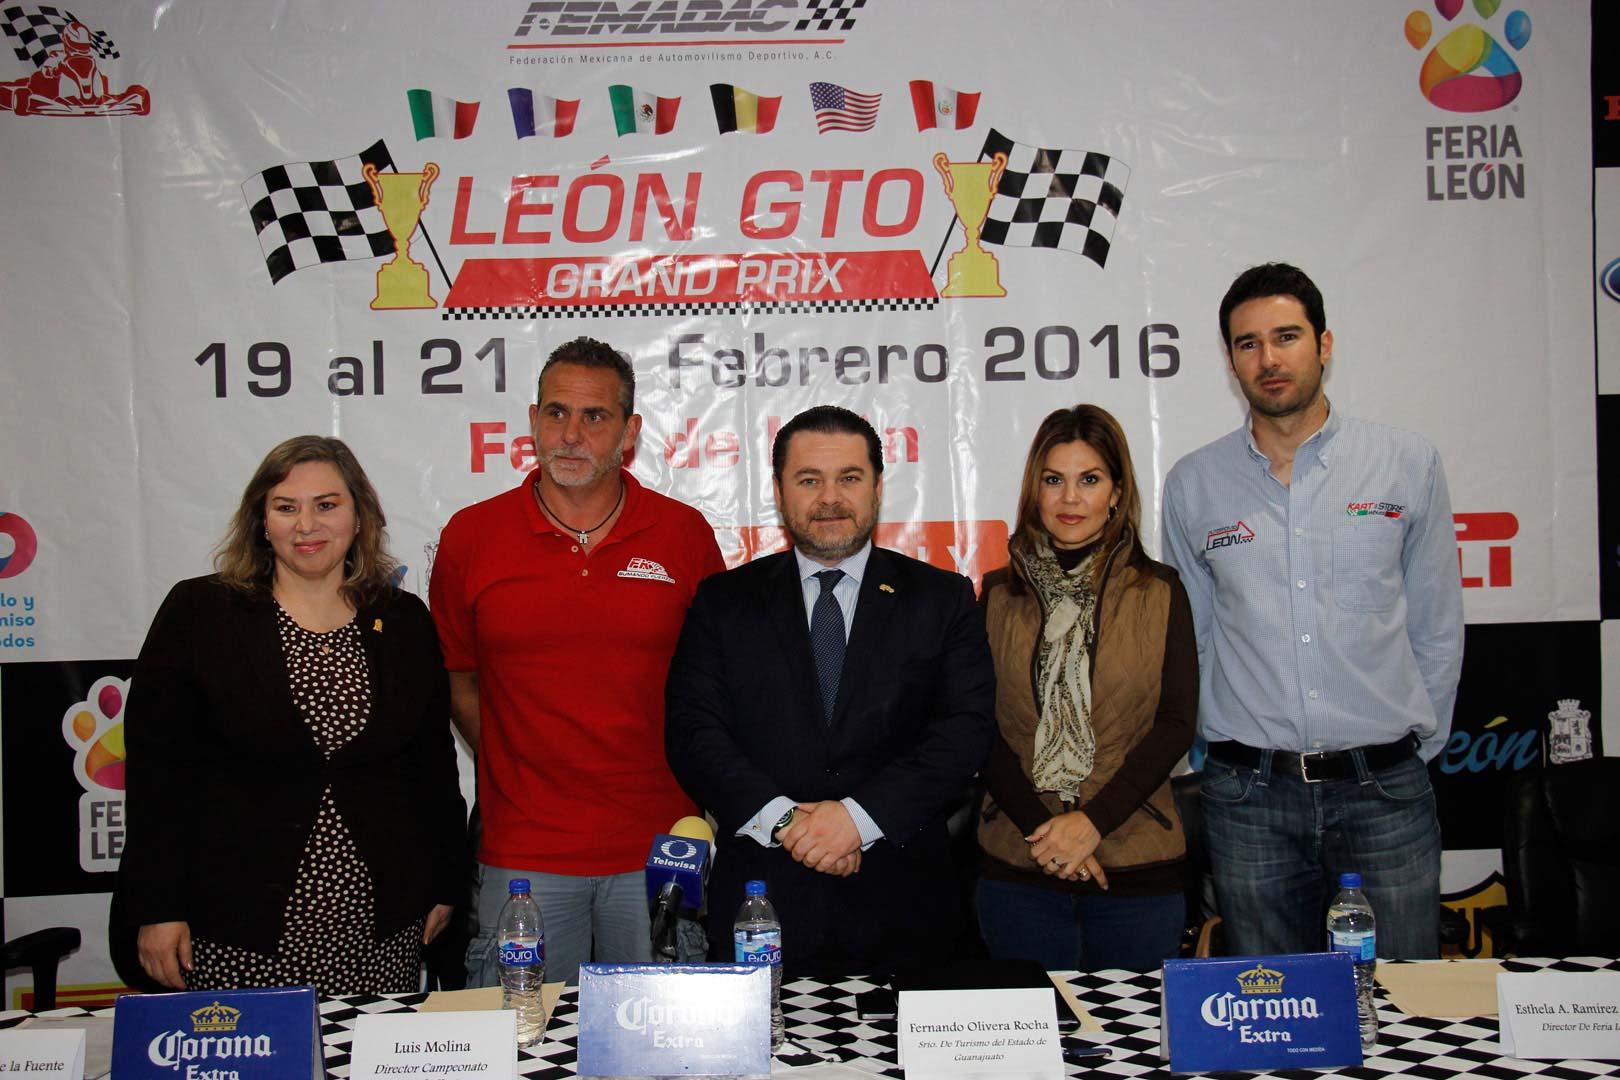 ¿Donde puedo conocer chicas en Leon, GTO?